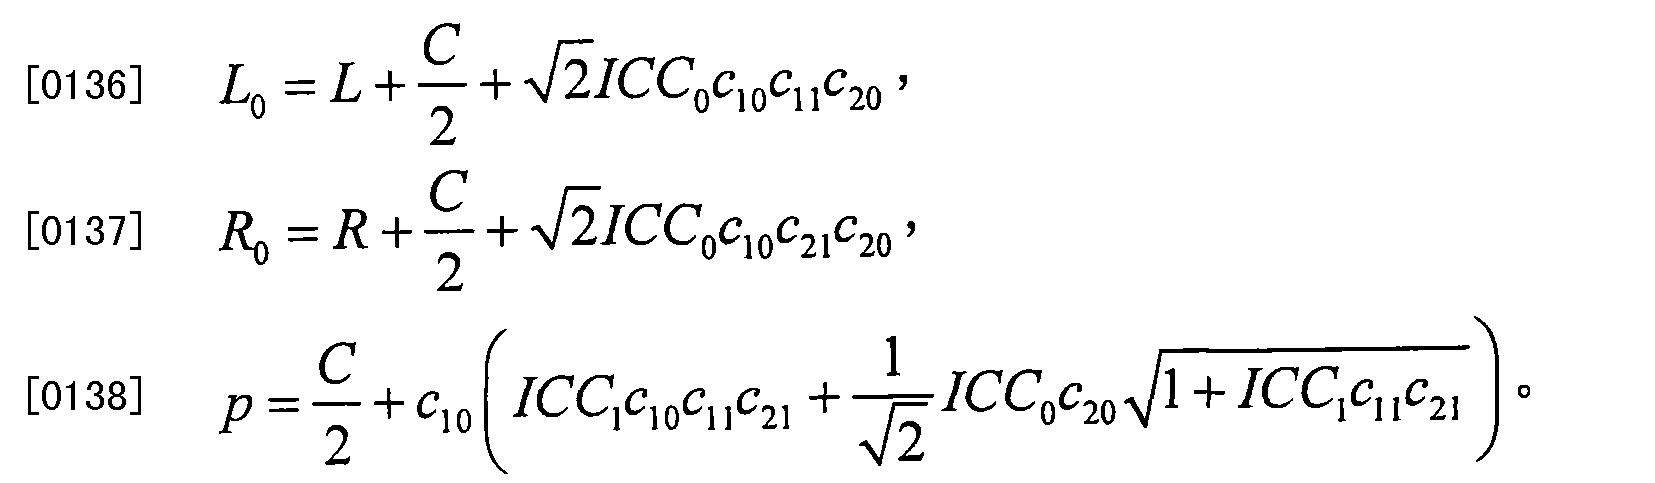 Figure CN101410890BD00174